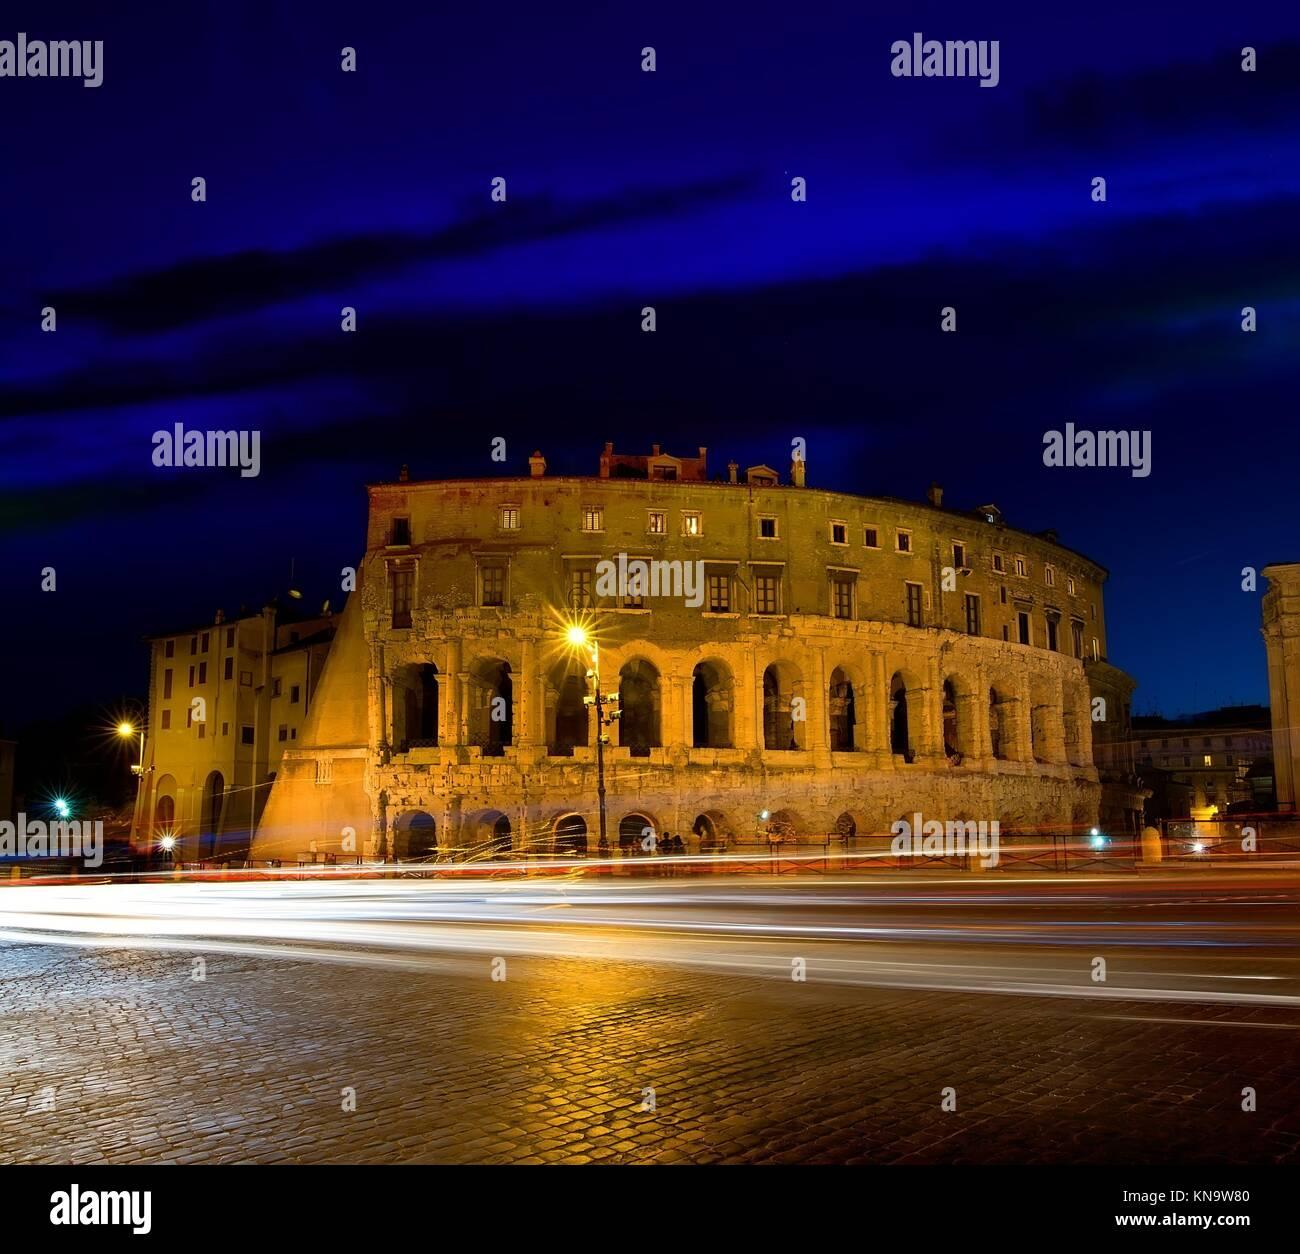 Majestuoso Coliseo de Roma al atardecer, Italia. Imagen De Stock